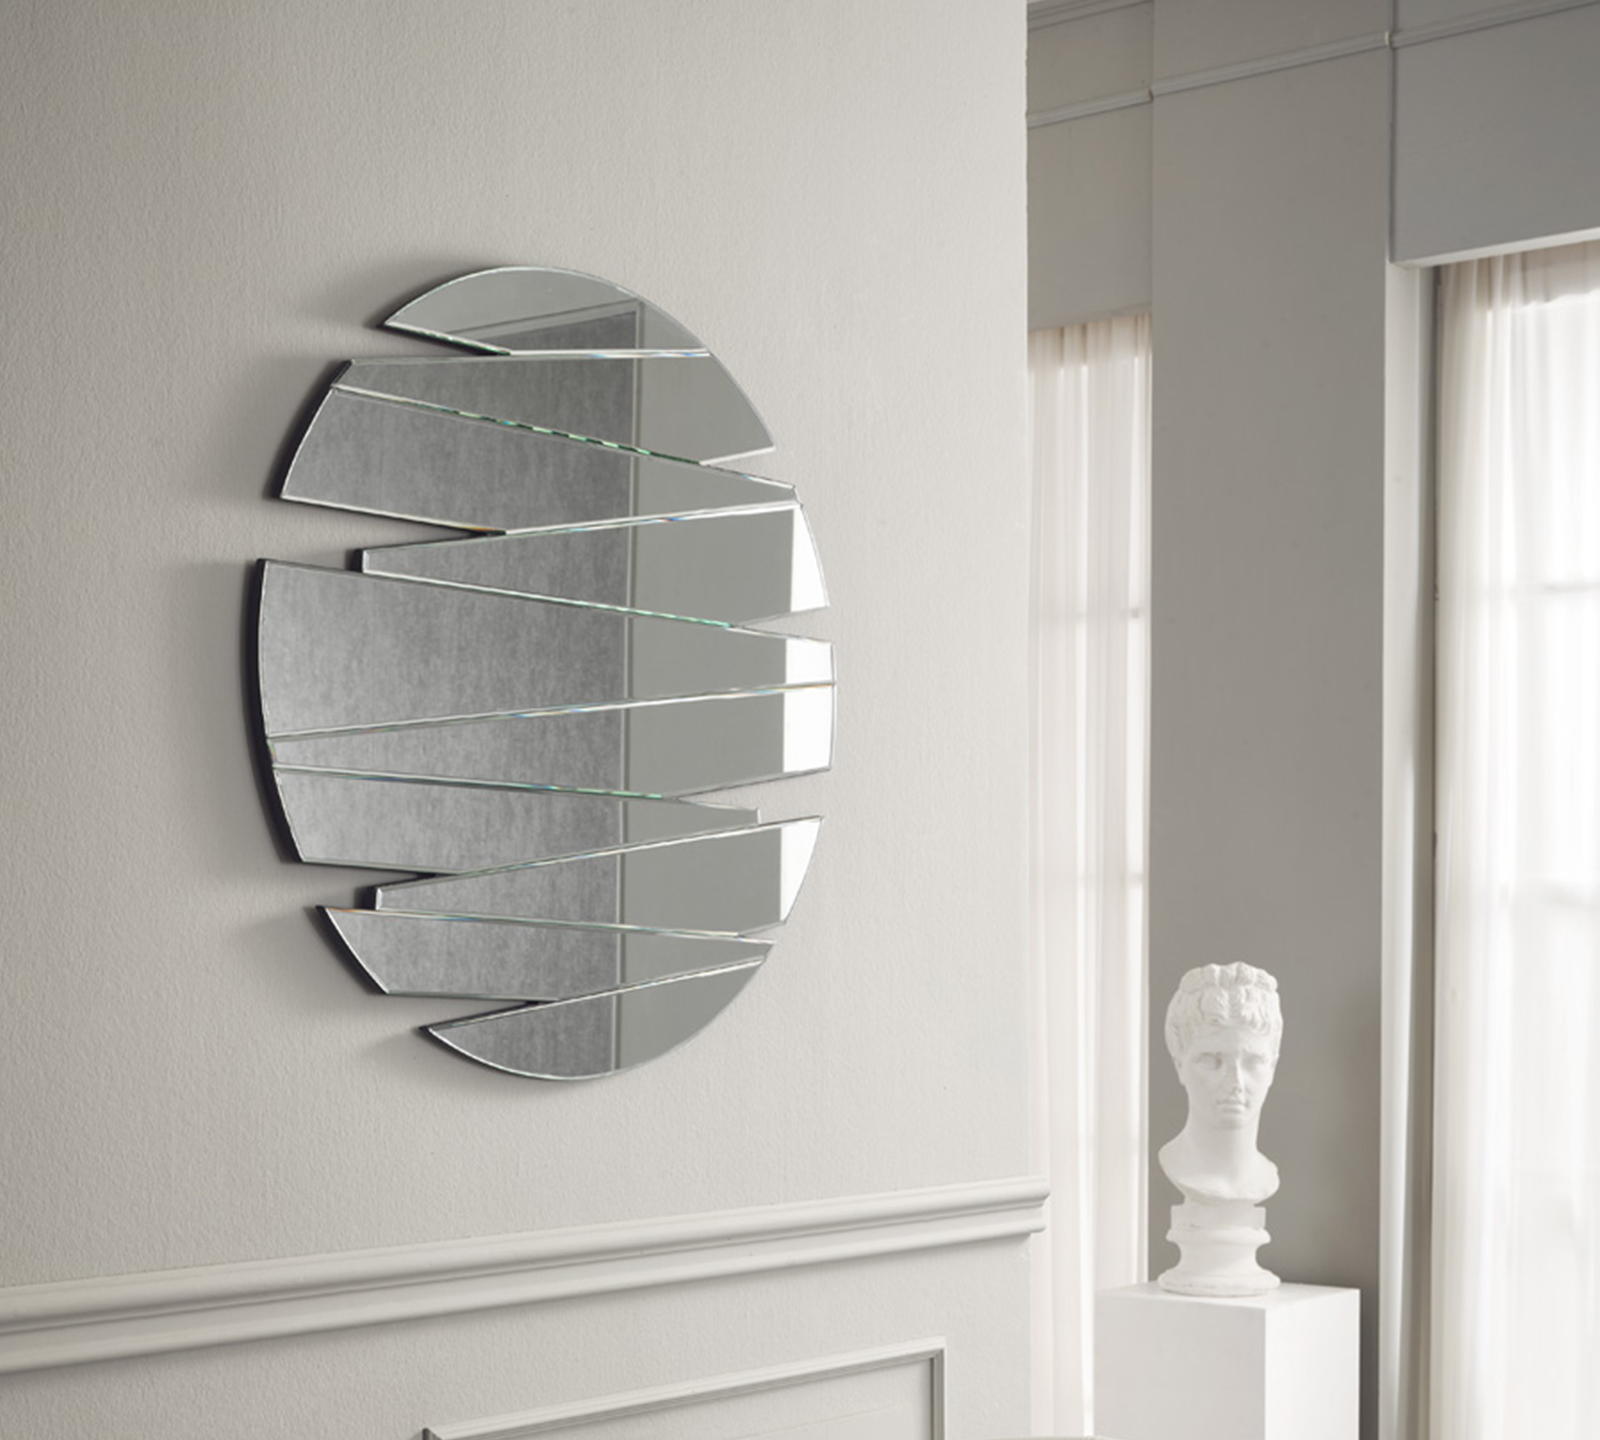 Specchio sp 021 duzzle - Specchi particolari da parete ...